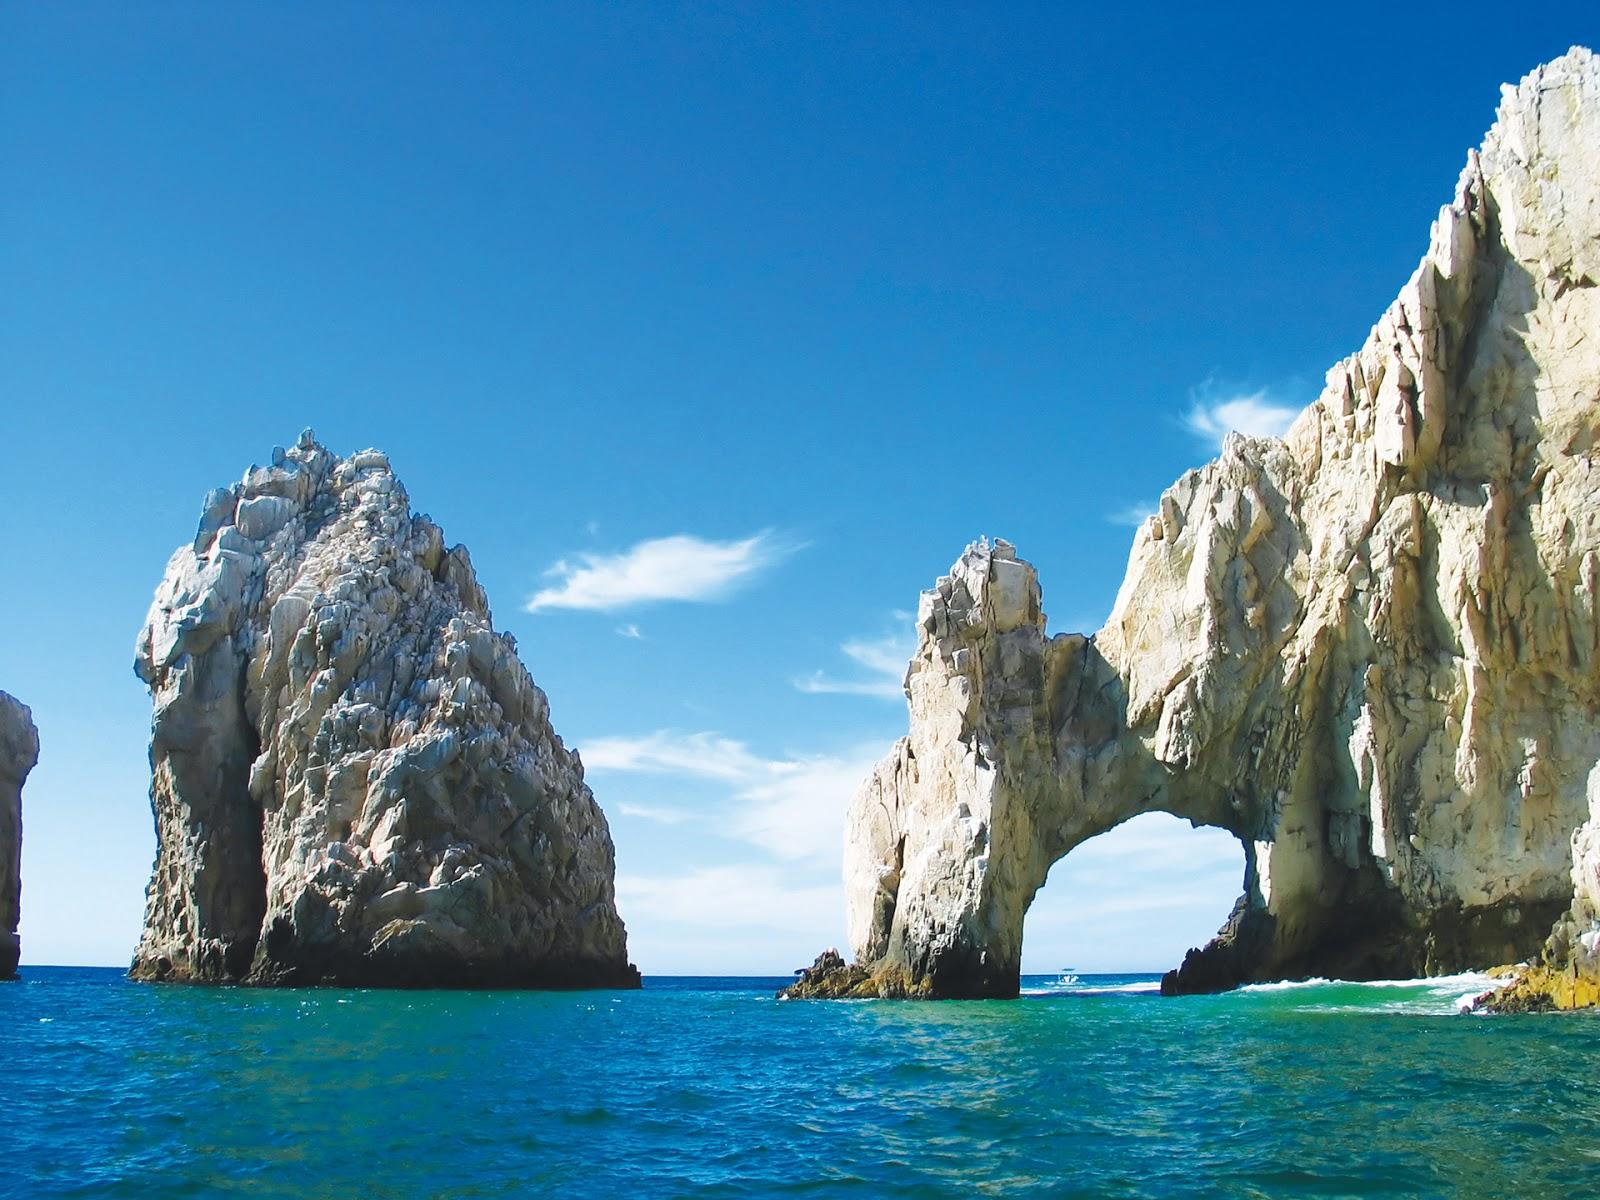 Vista de Los Arcos en Baja California Sur